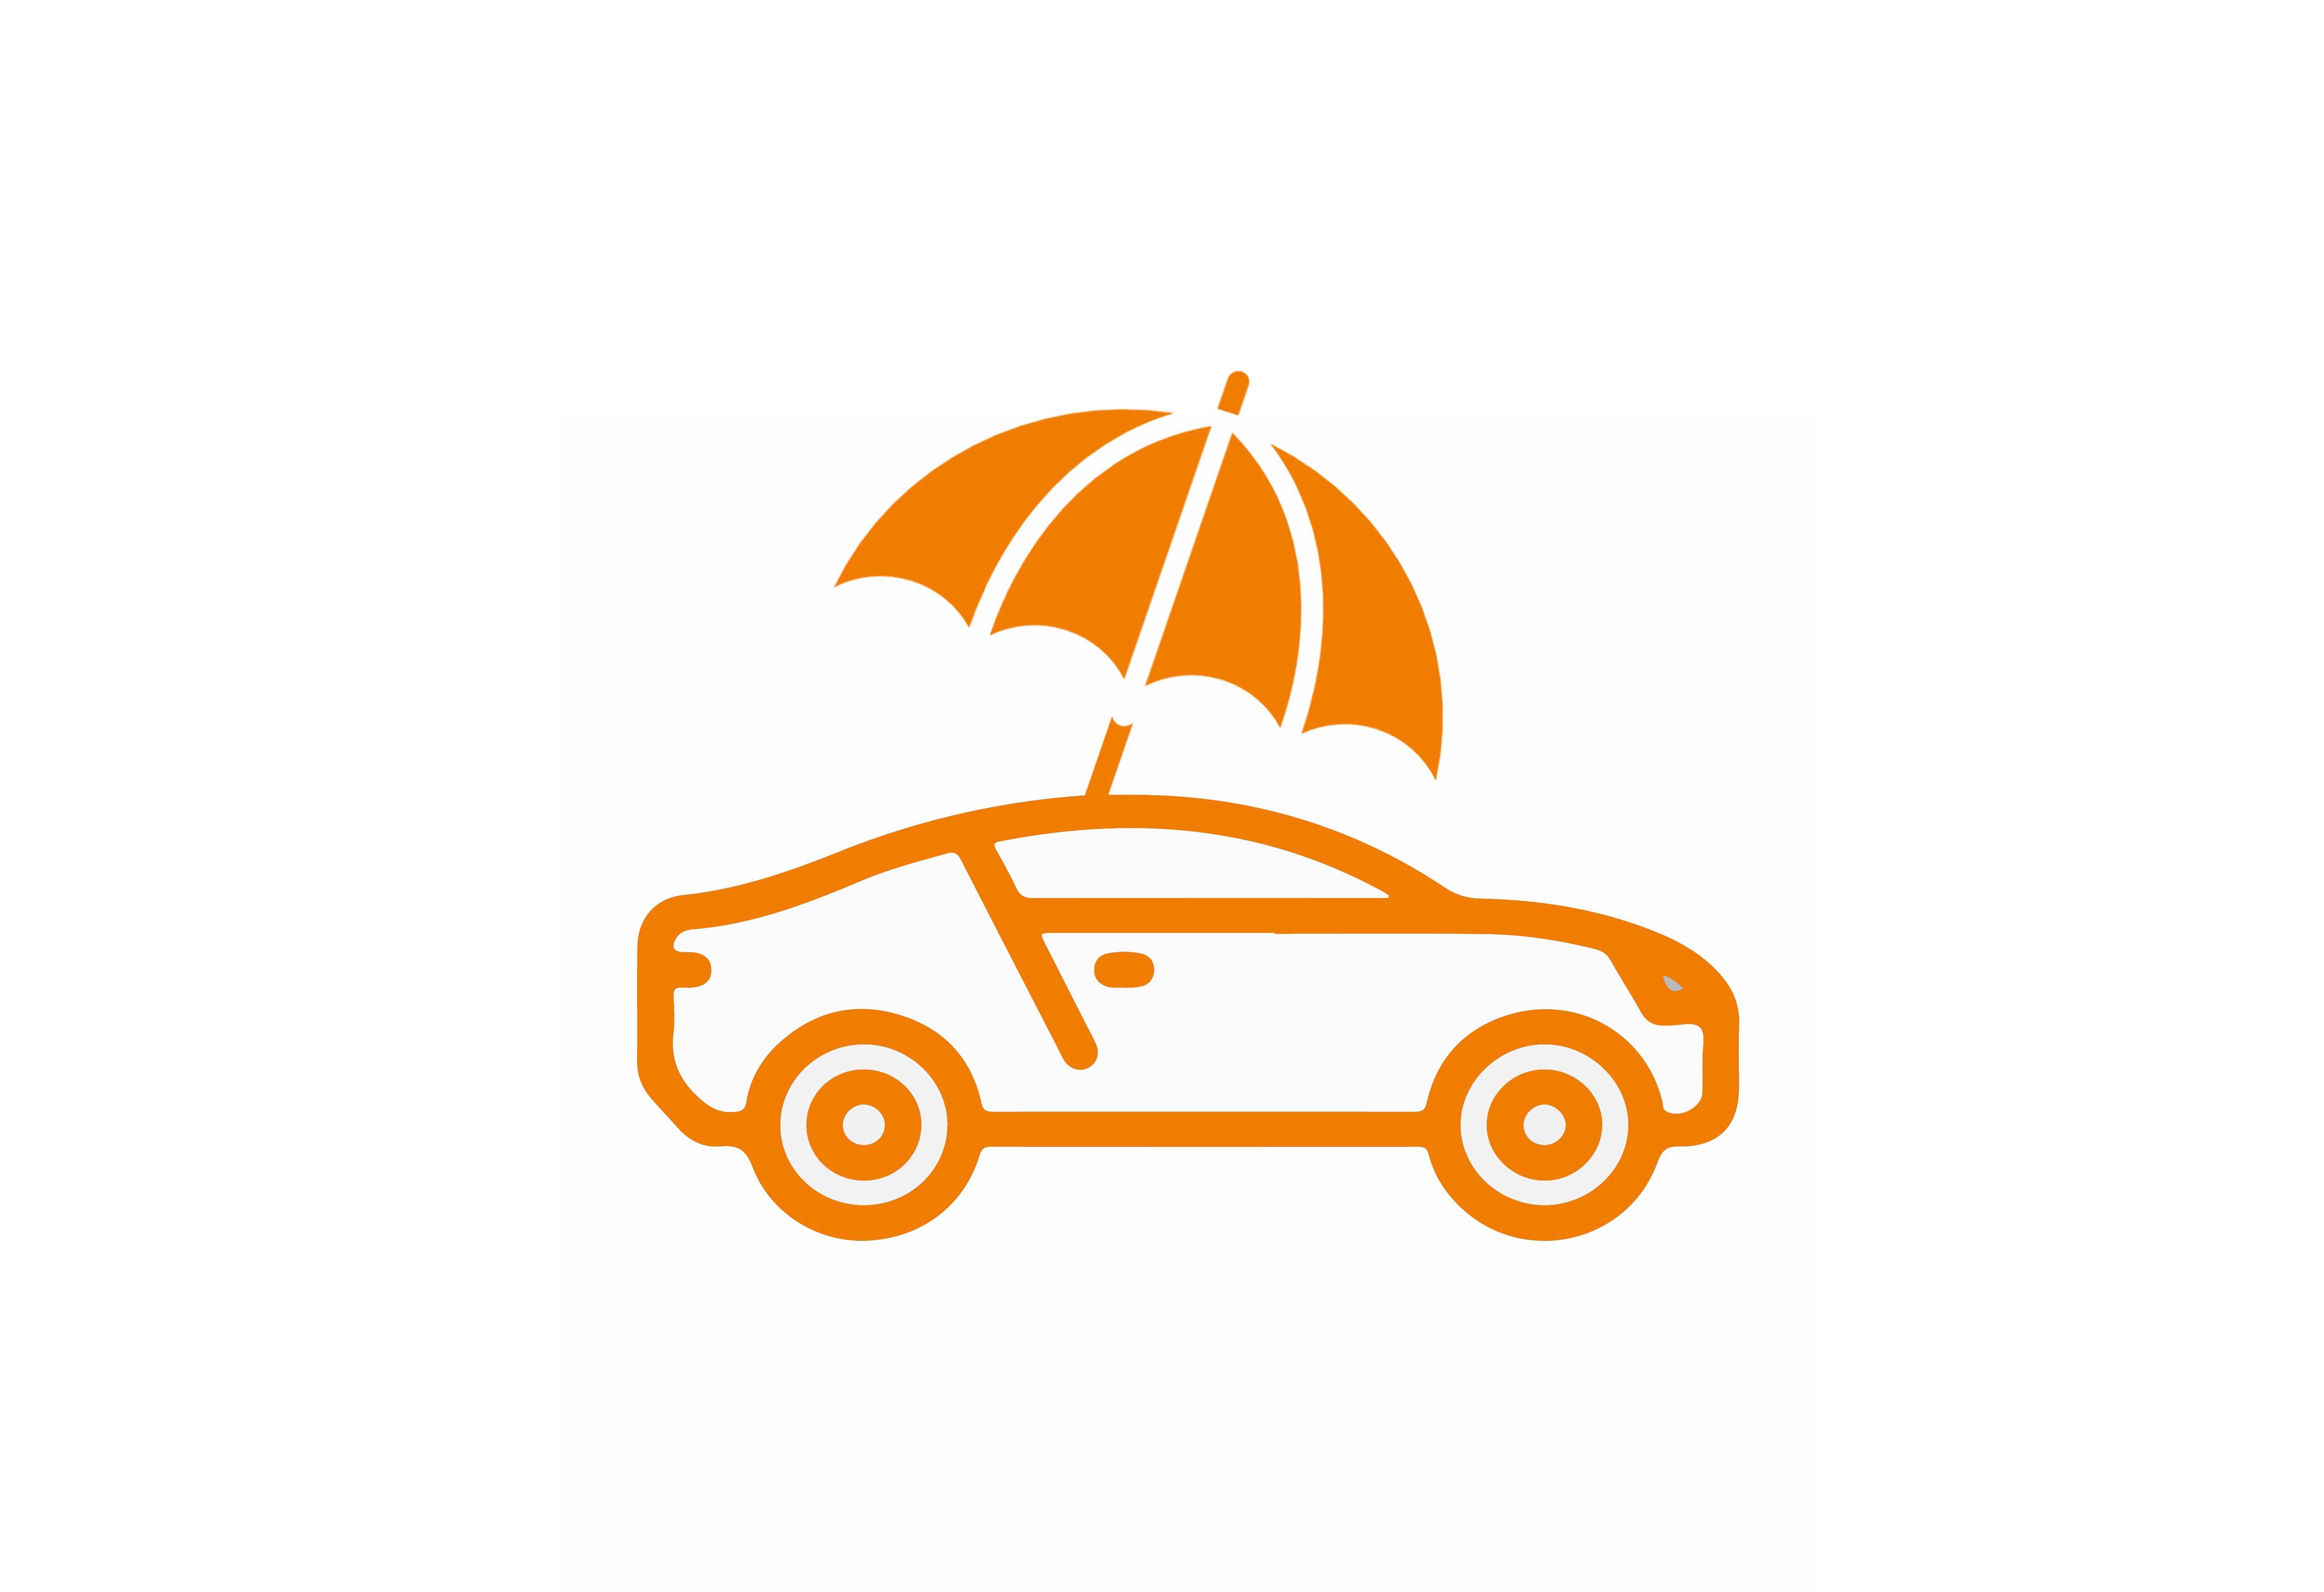 Verlaging autoverzekering door corona